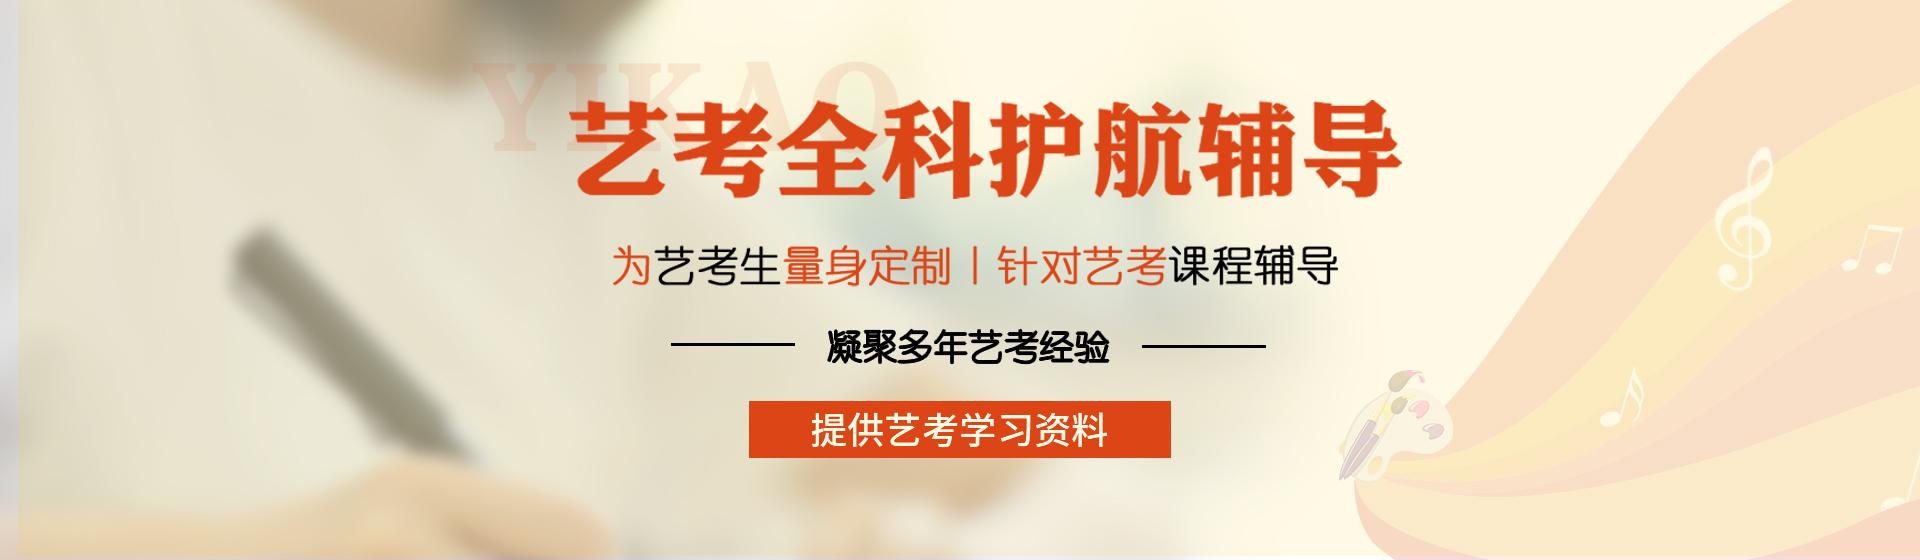 秦學藝考文化課,上課形式線上一對一輔導,小班課,在線課,針對年級高三藝考生。